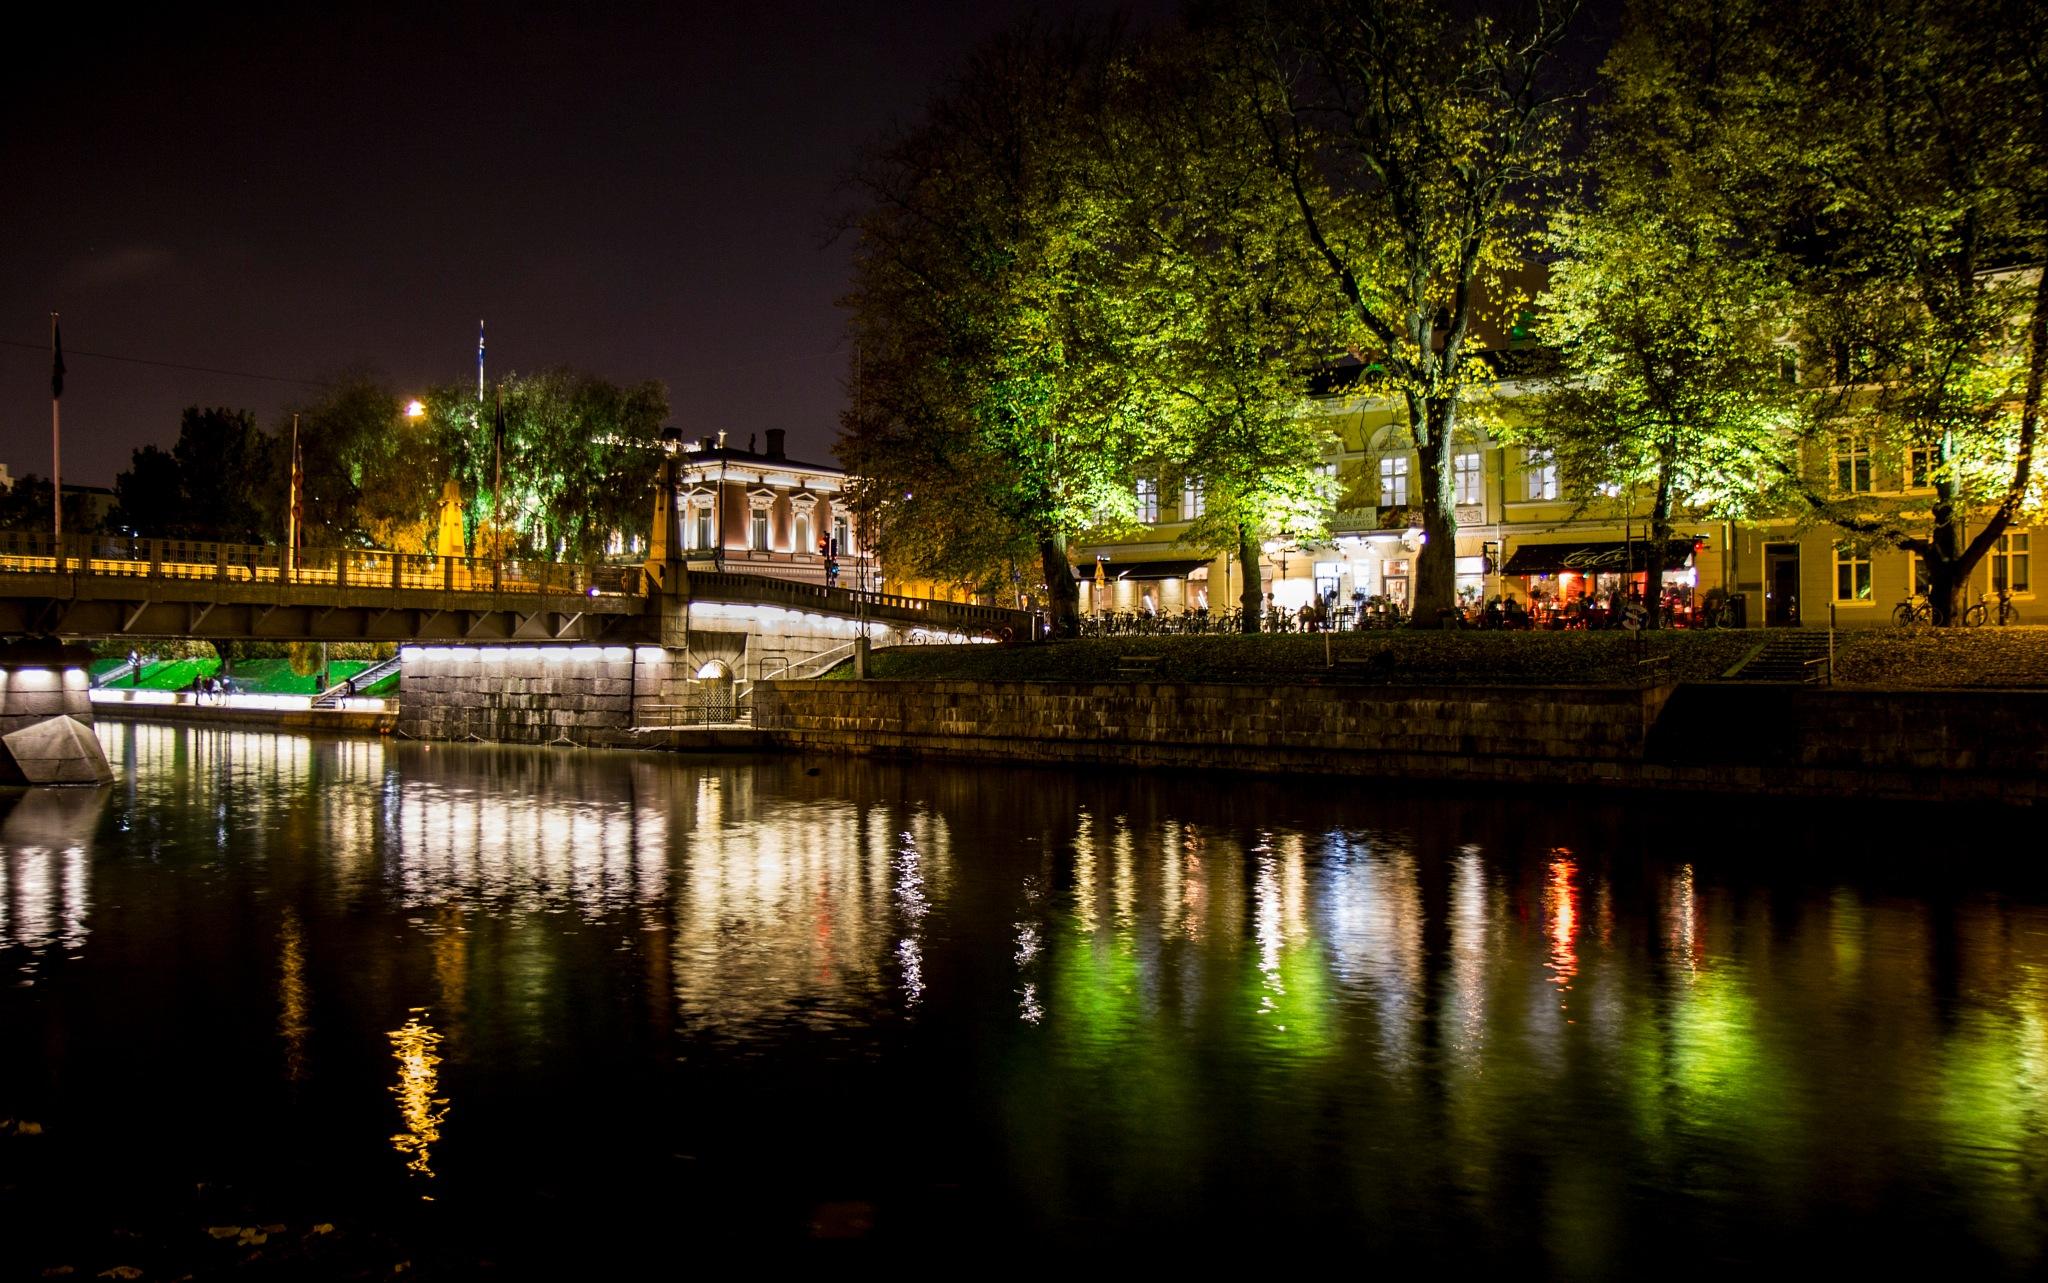 Warm autumn night by Anne Kivinen